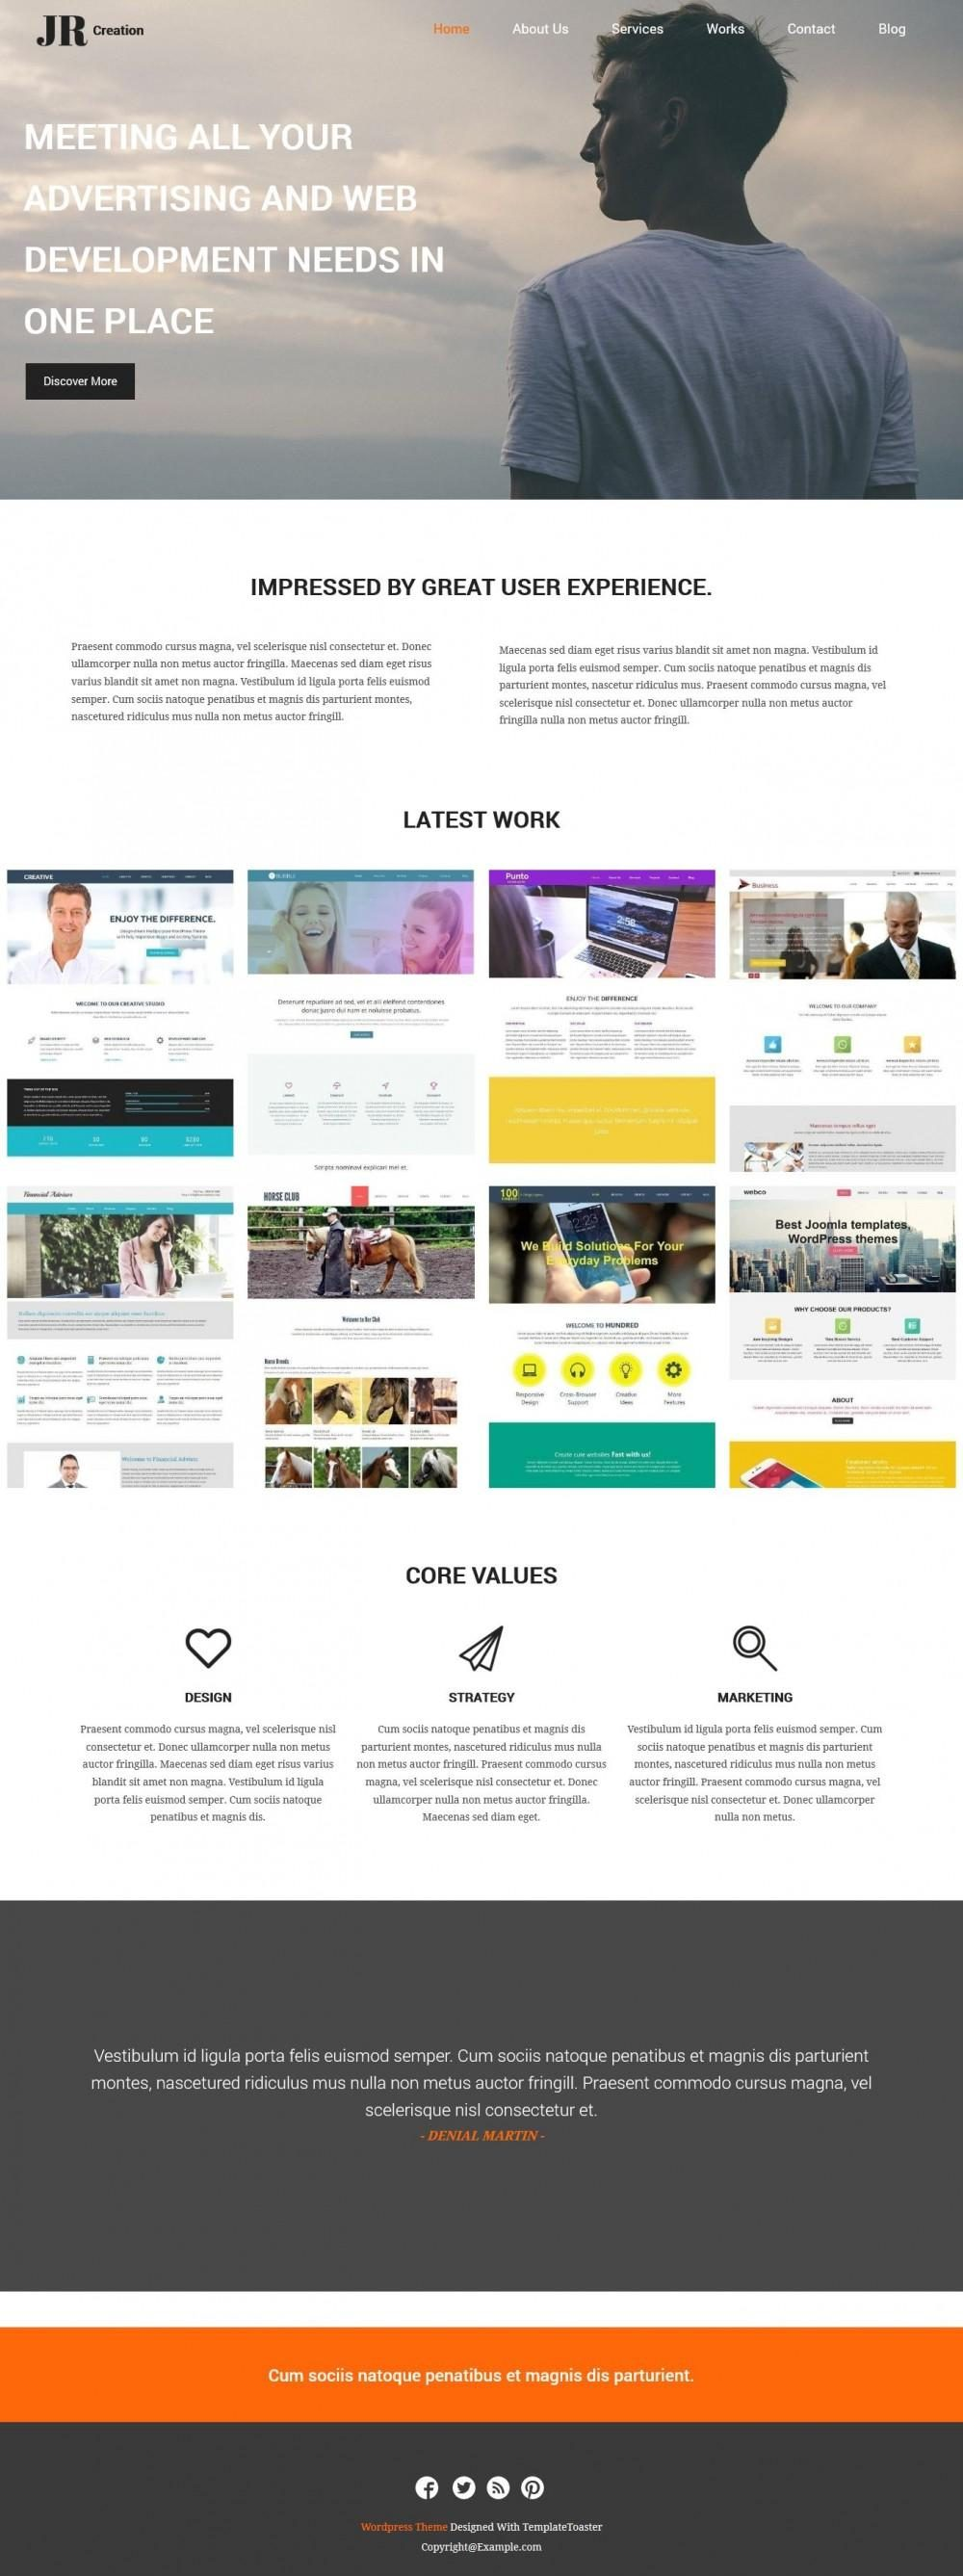 JR Creation - Joomla Template for Web Designer And Developer